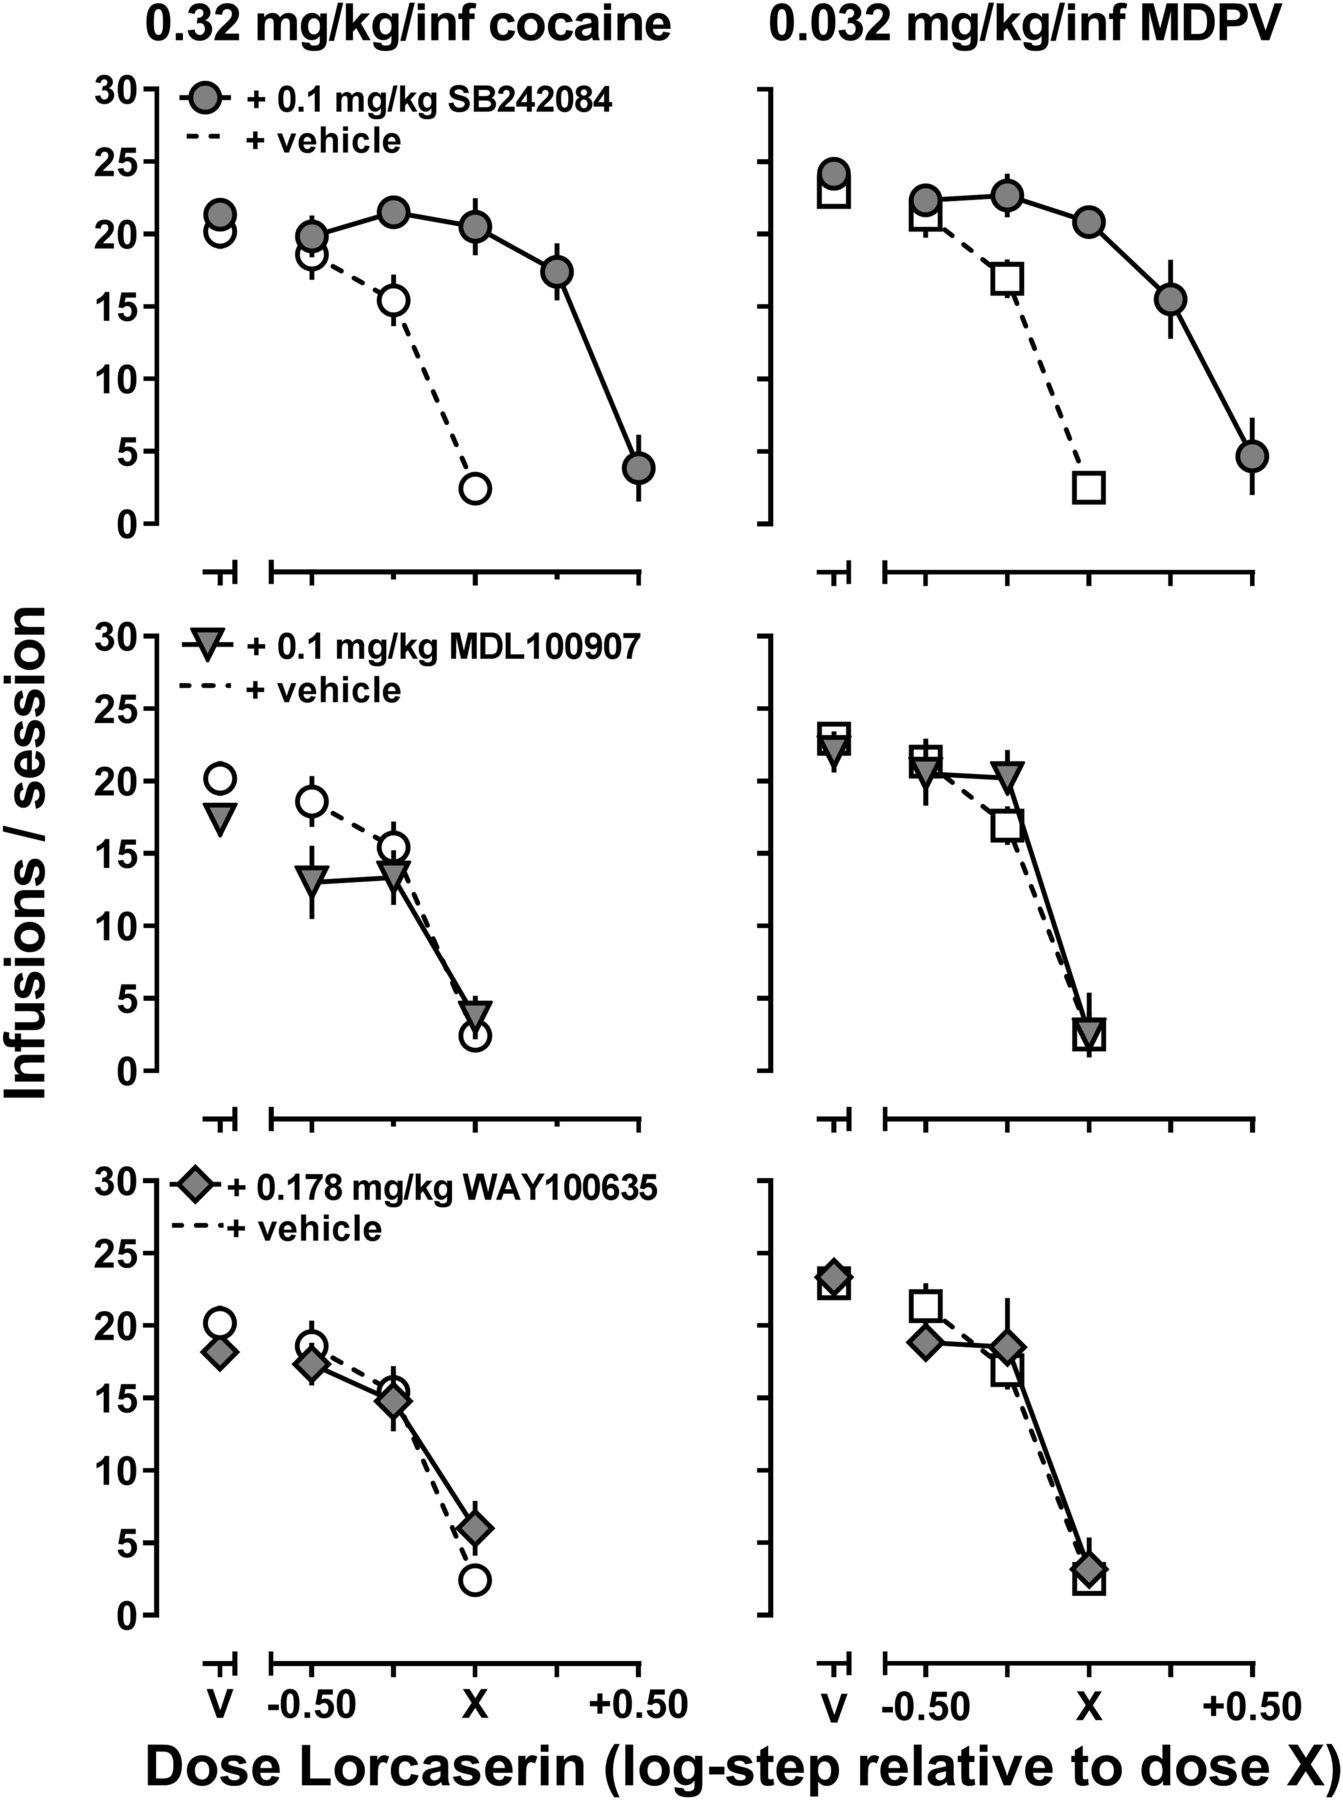 Inhibition of Cocaine and 3,4-Methylenedioxypyrovalerone